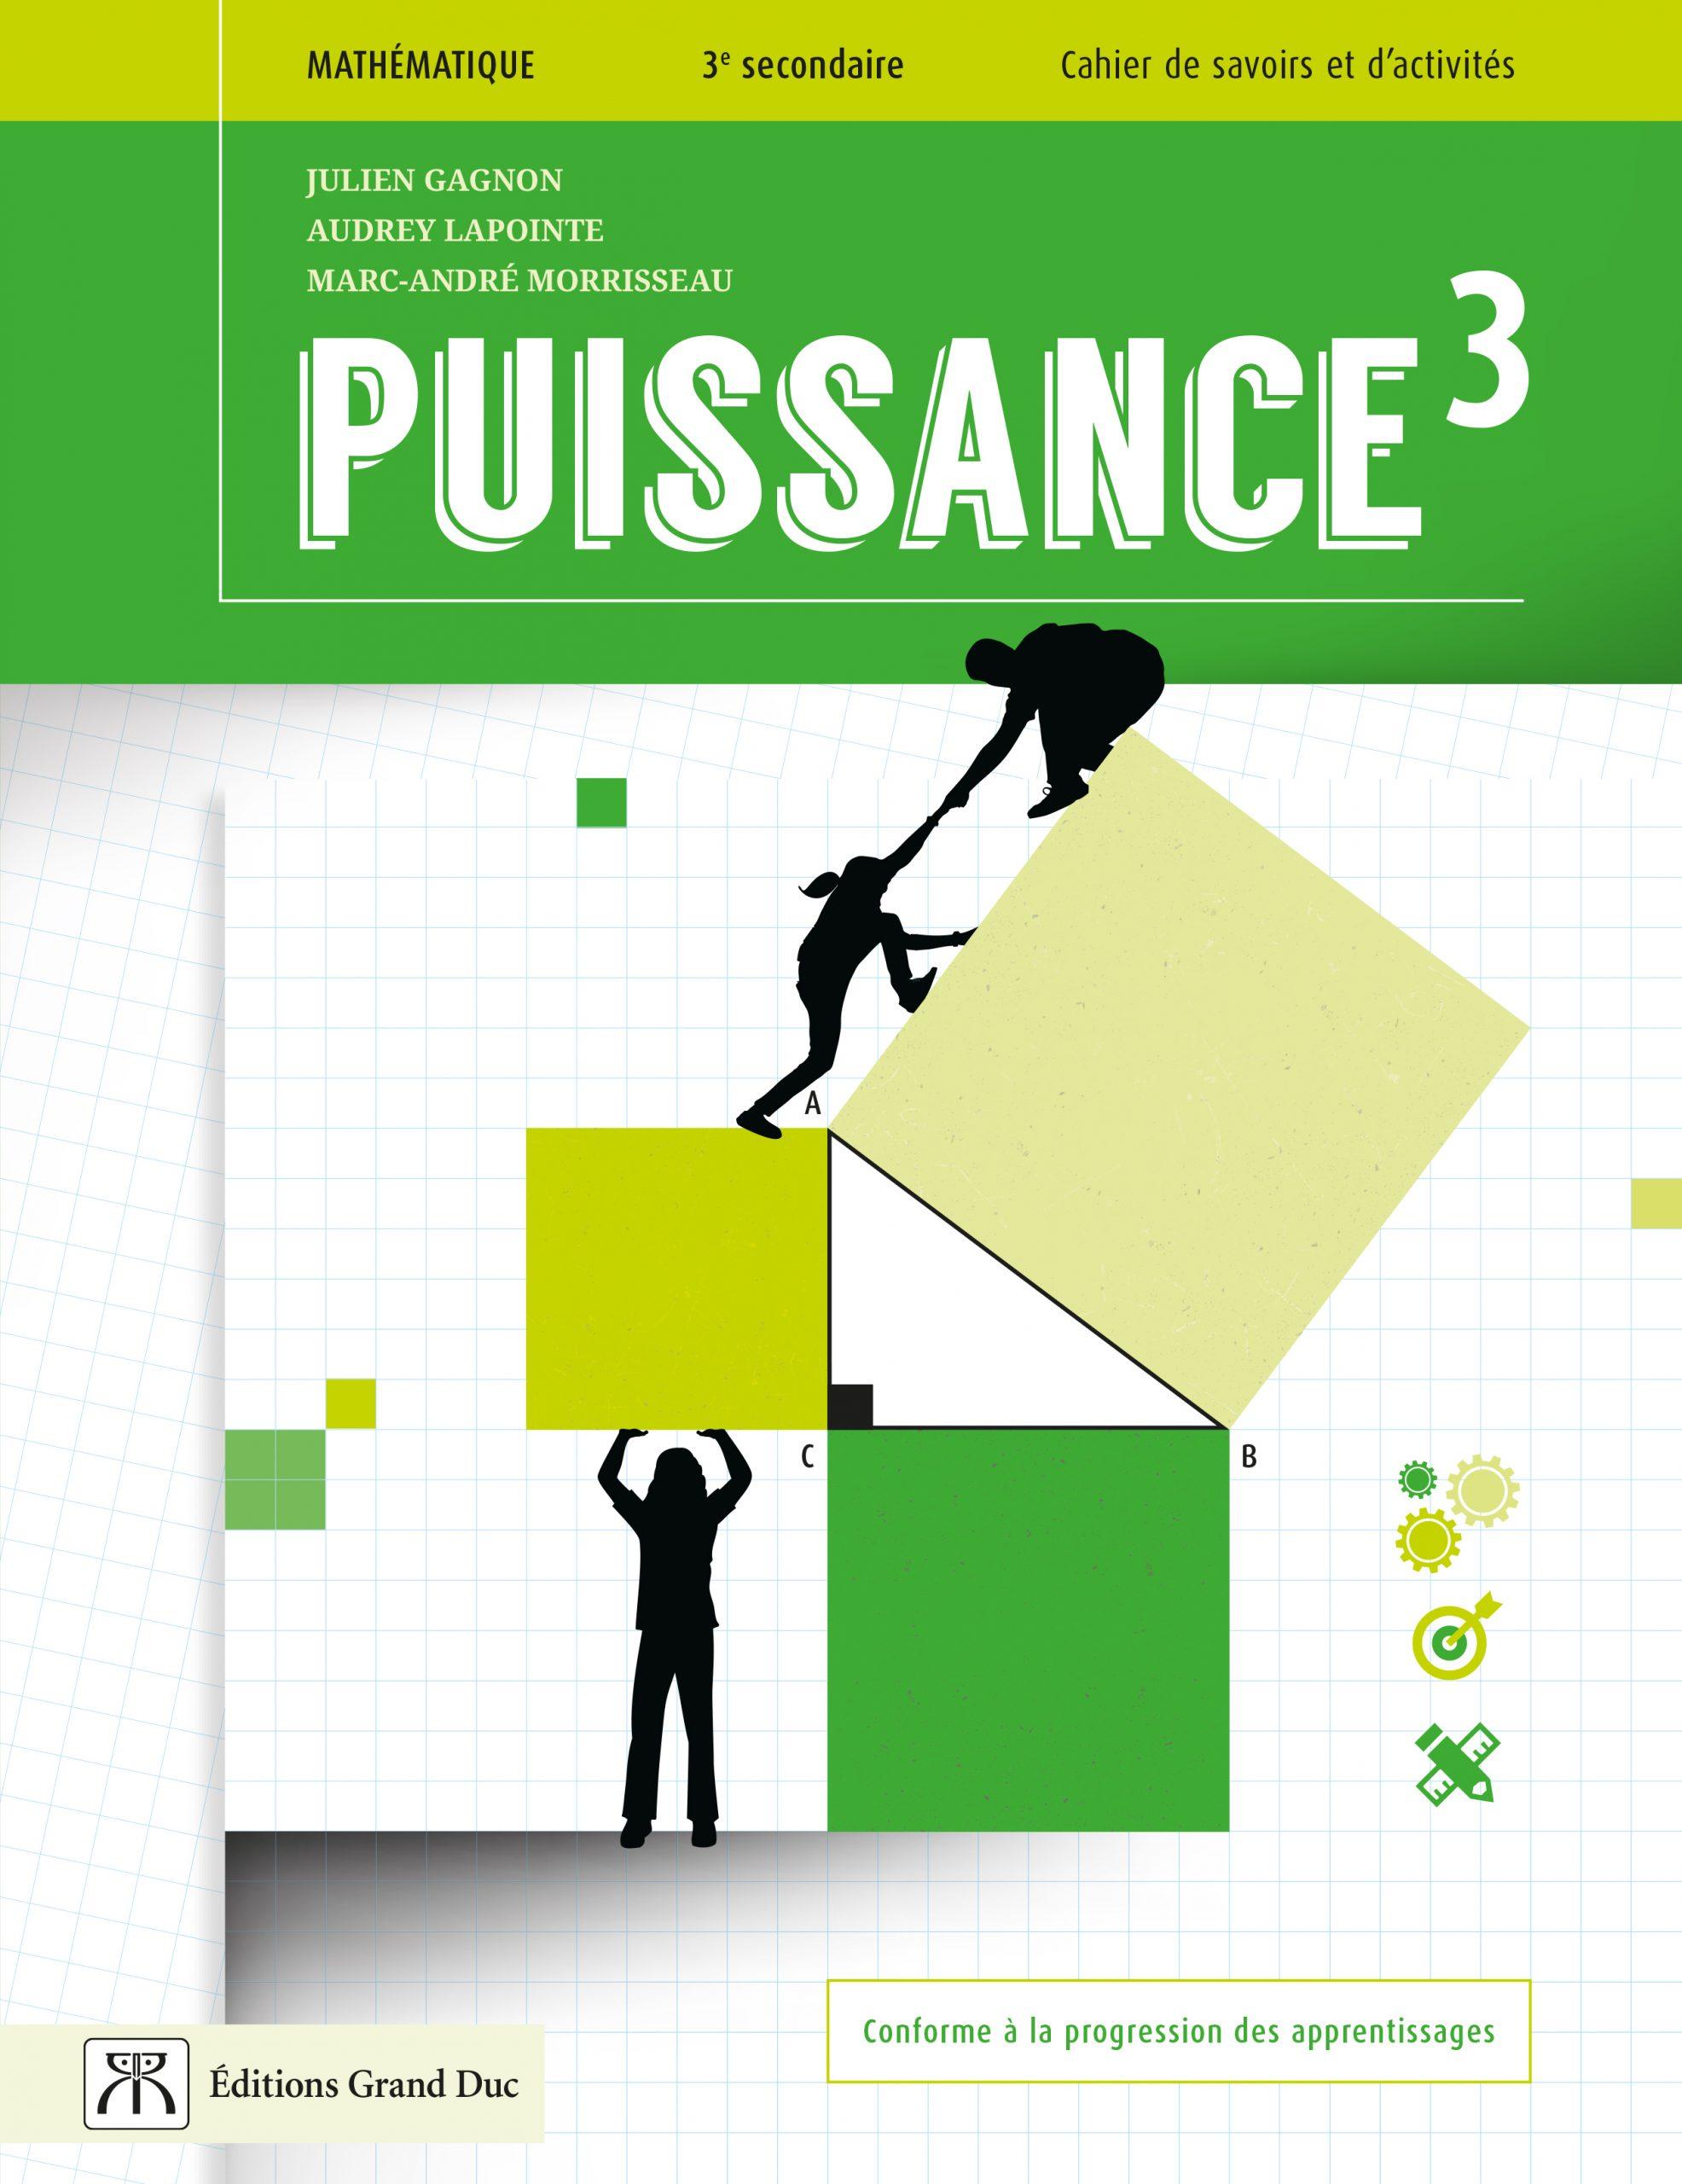 Grand Duc En Ligne, Boutique De Vente De Documents Pédagogiques serapportantà Exercice De Math Sur Les Puissances